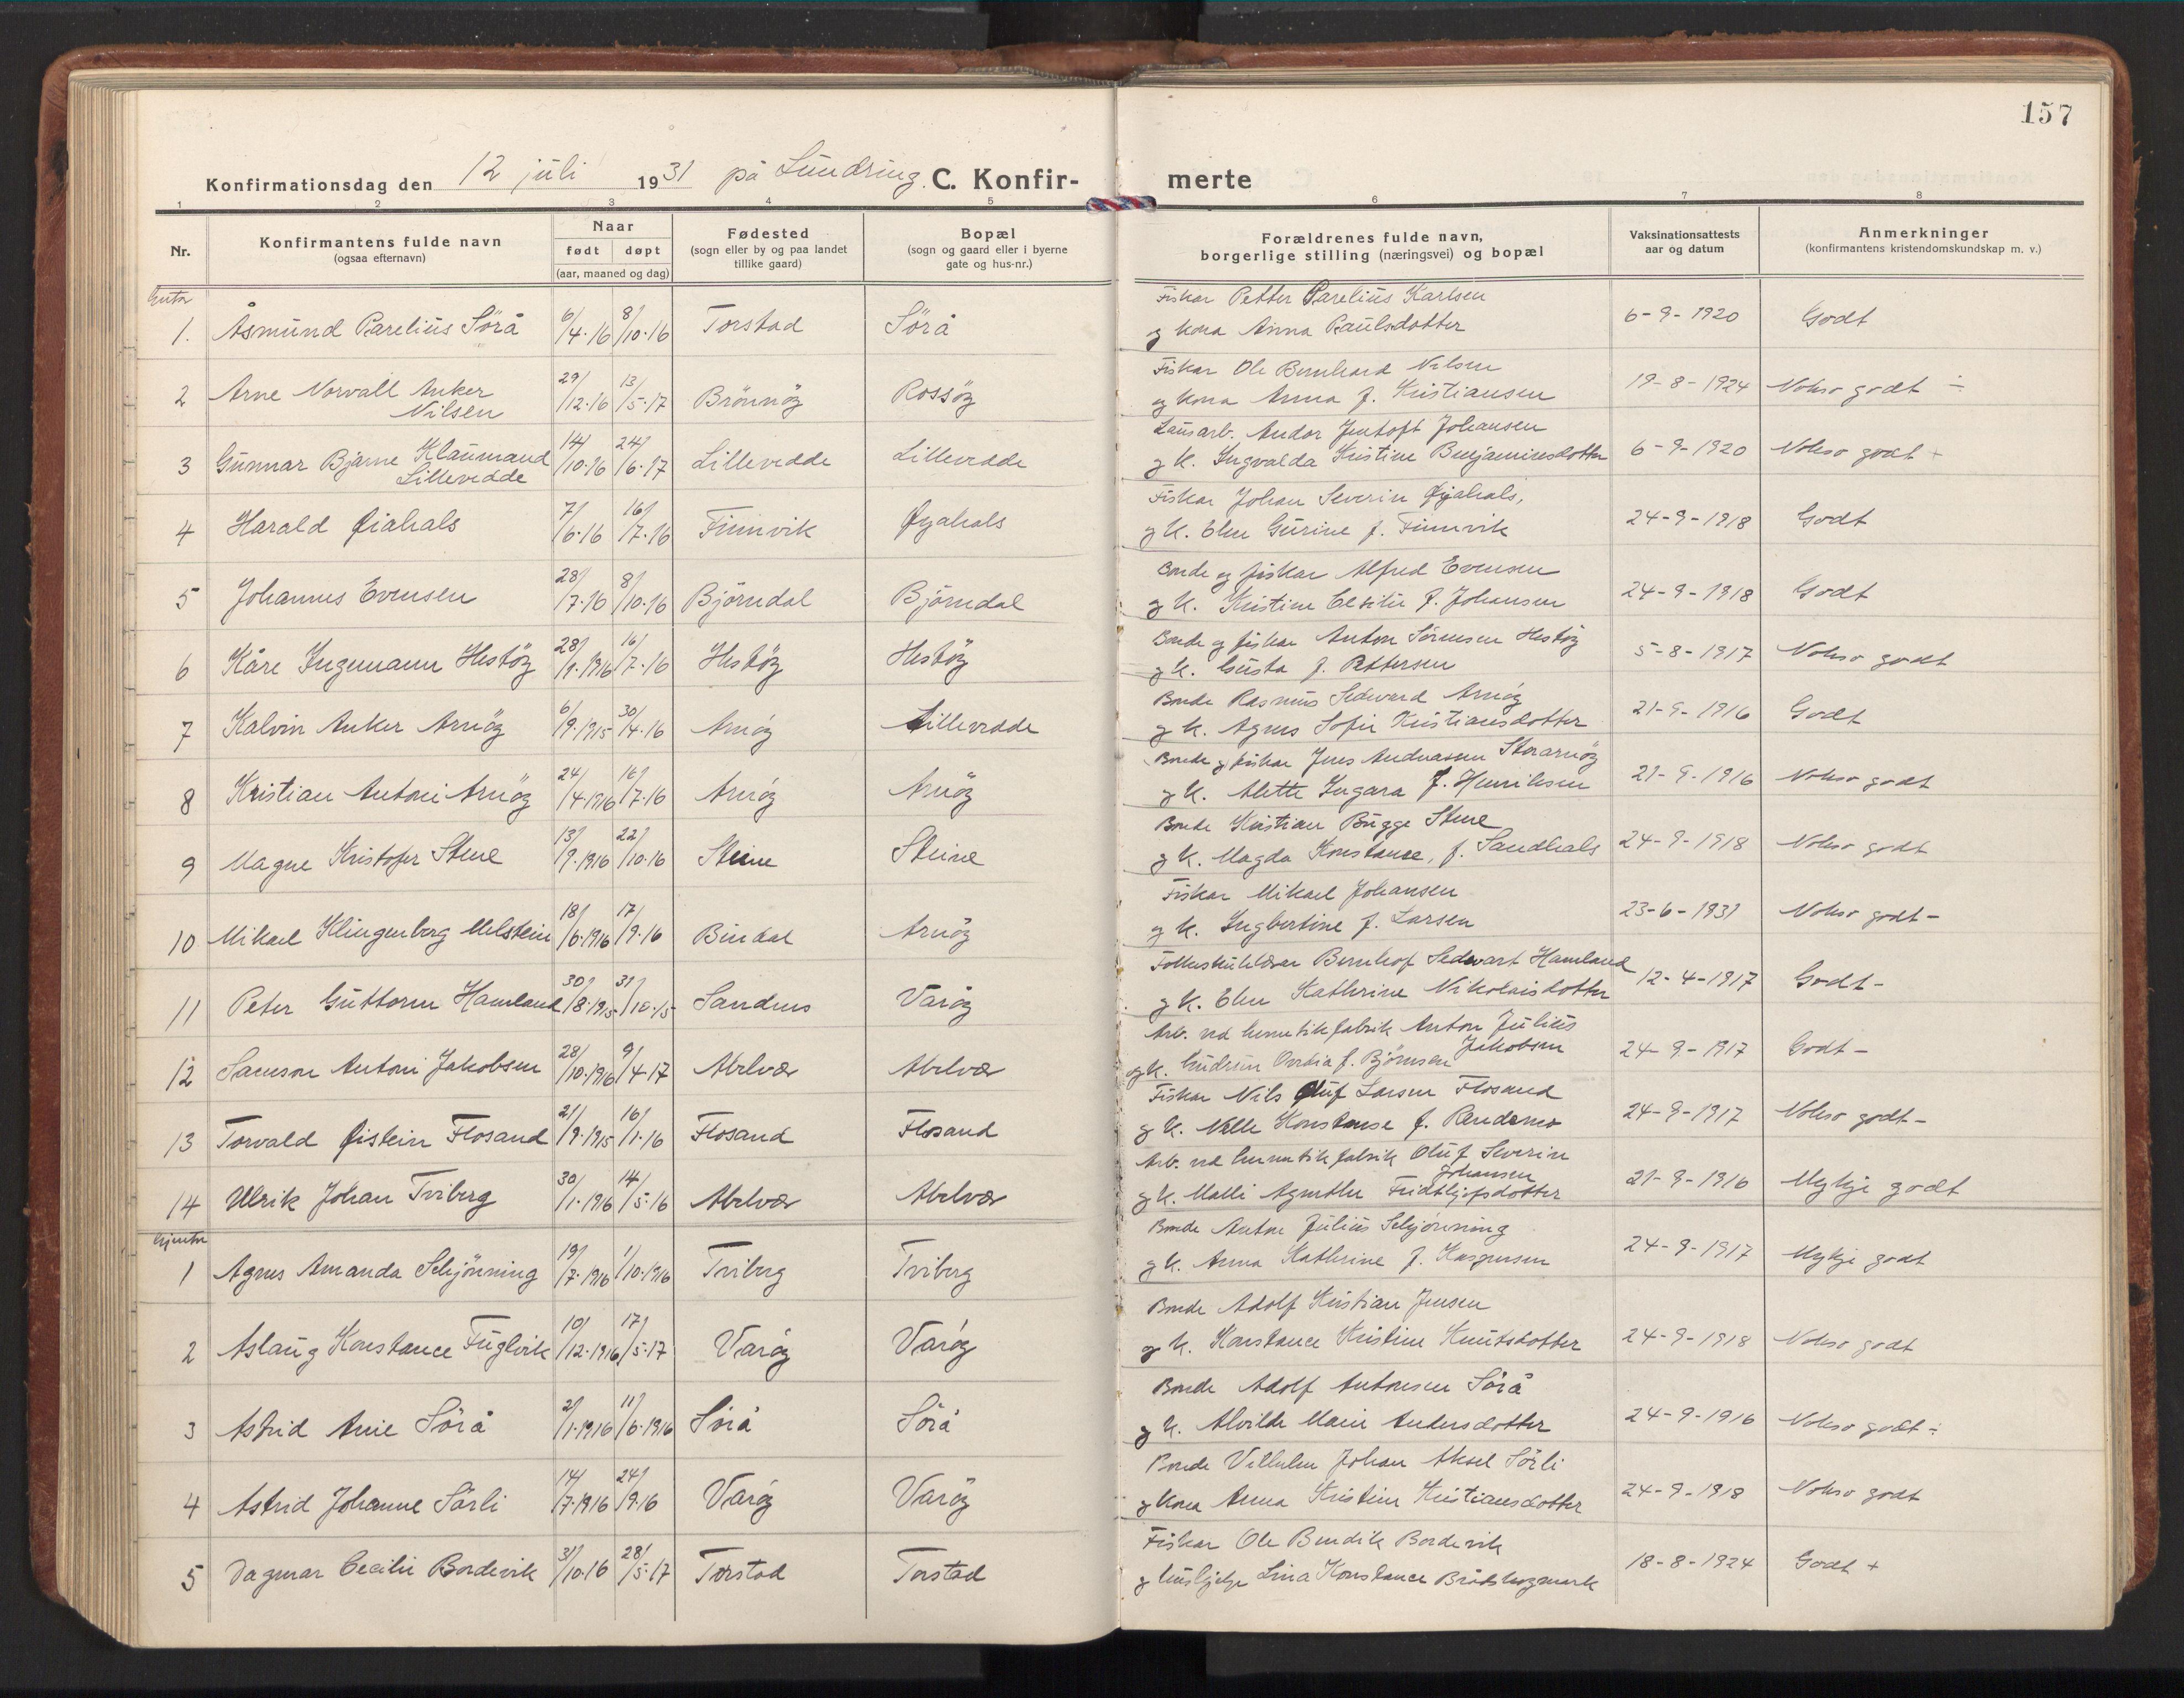 SAT, Ministerialprotokoller, klokkerbøker og fødselsregistre - Nord-Trøndelag, 784/L0678: Ministerialbok nr. 784A13, 1921-1938, s. 157